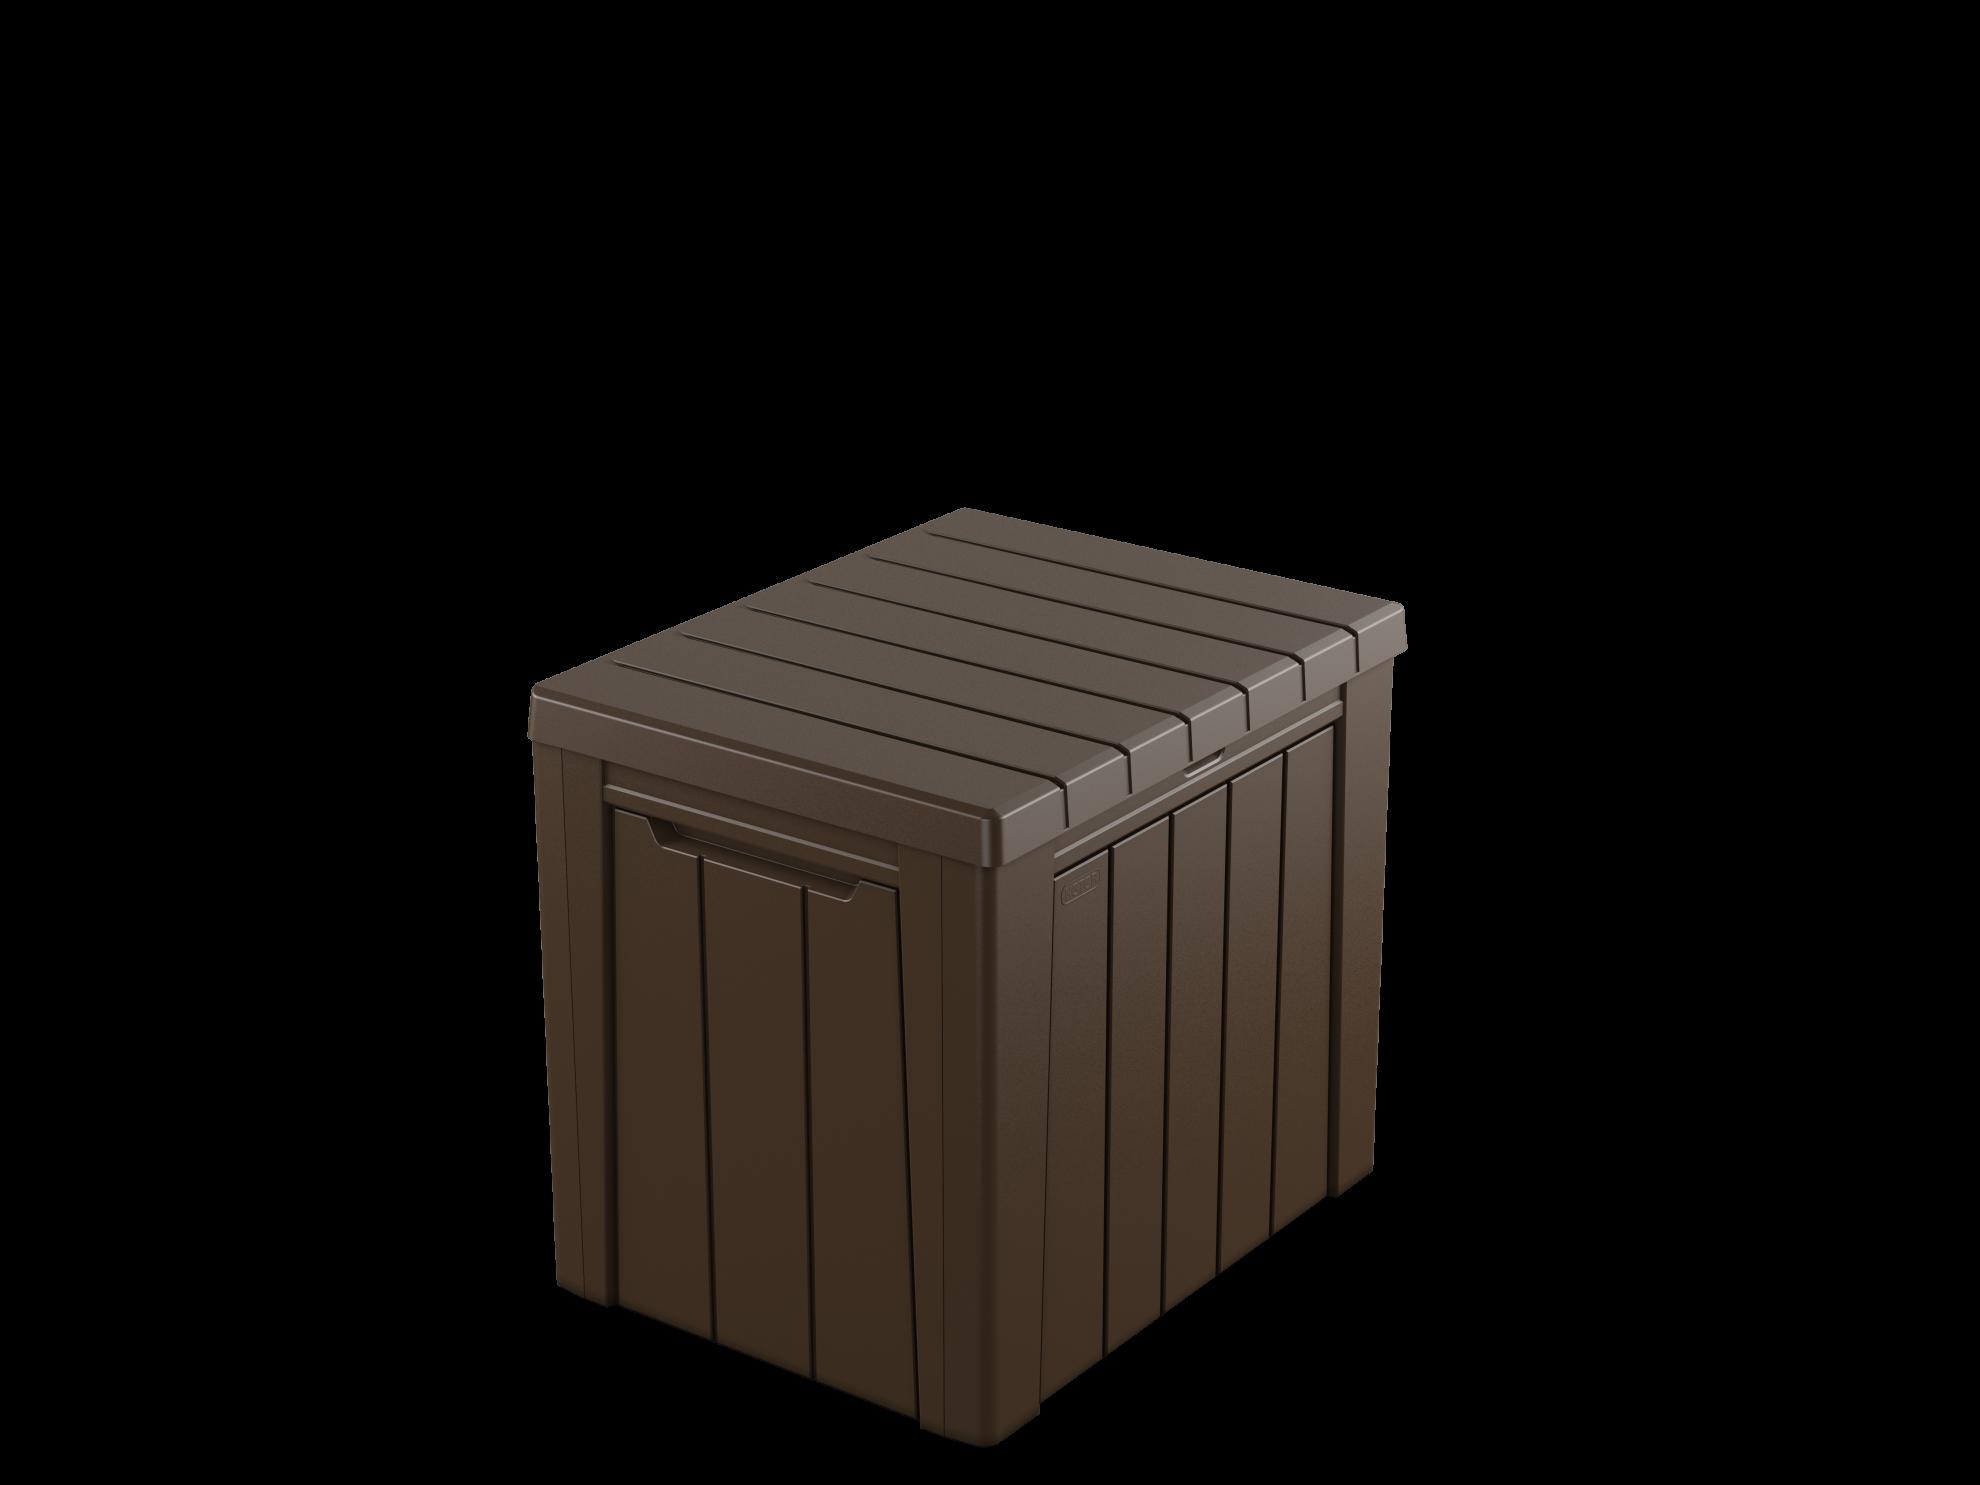 ארגז אחסון אורבן - חום 590